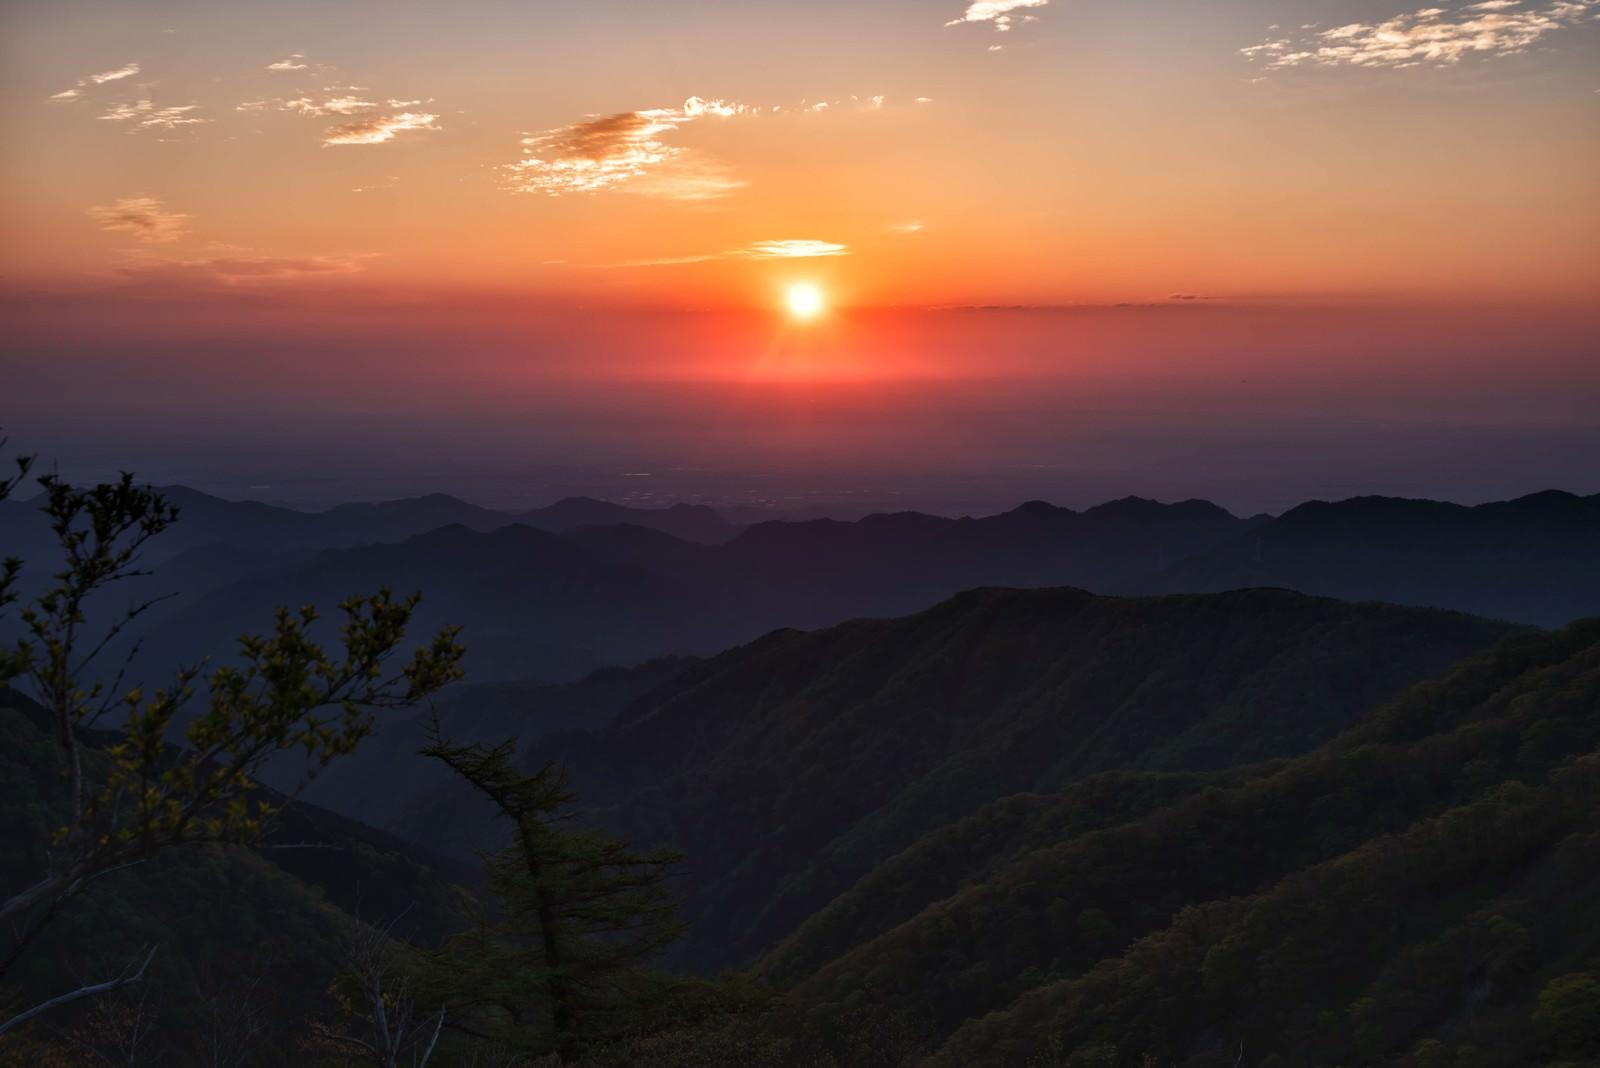 「関東平野から昇る朝日」の写真